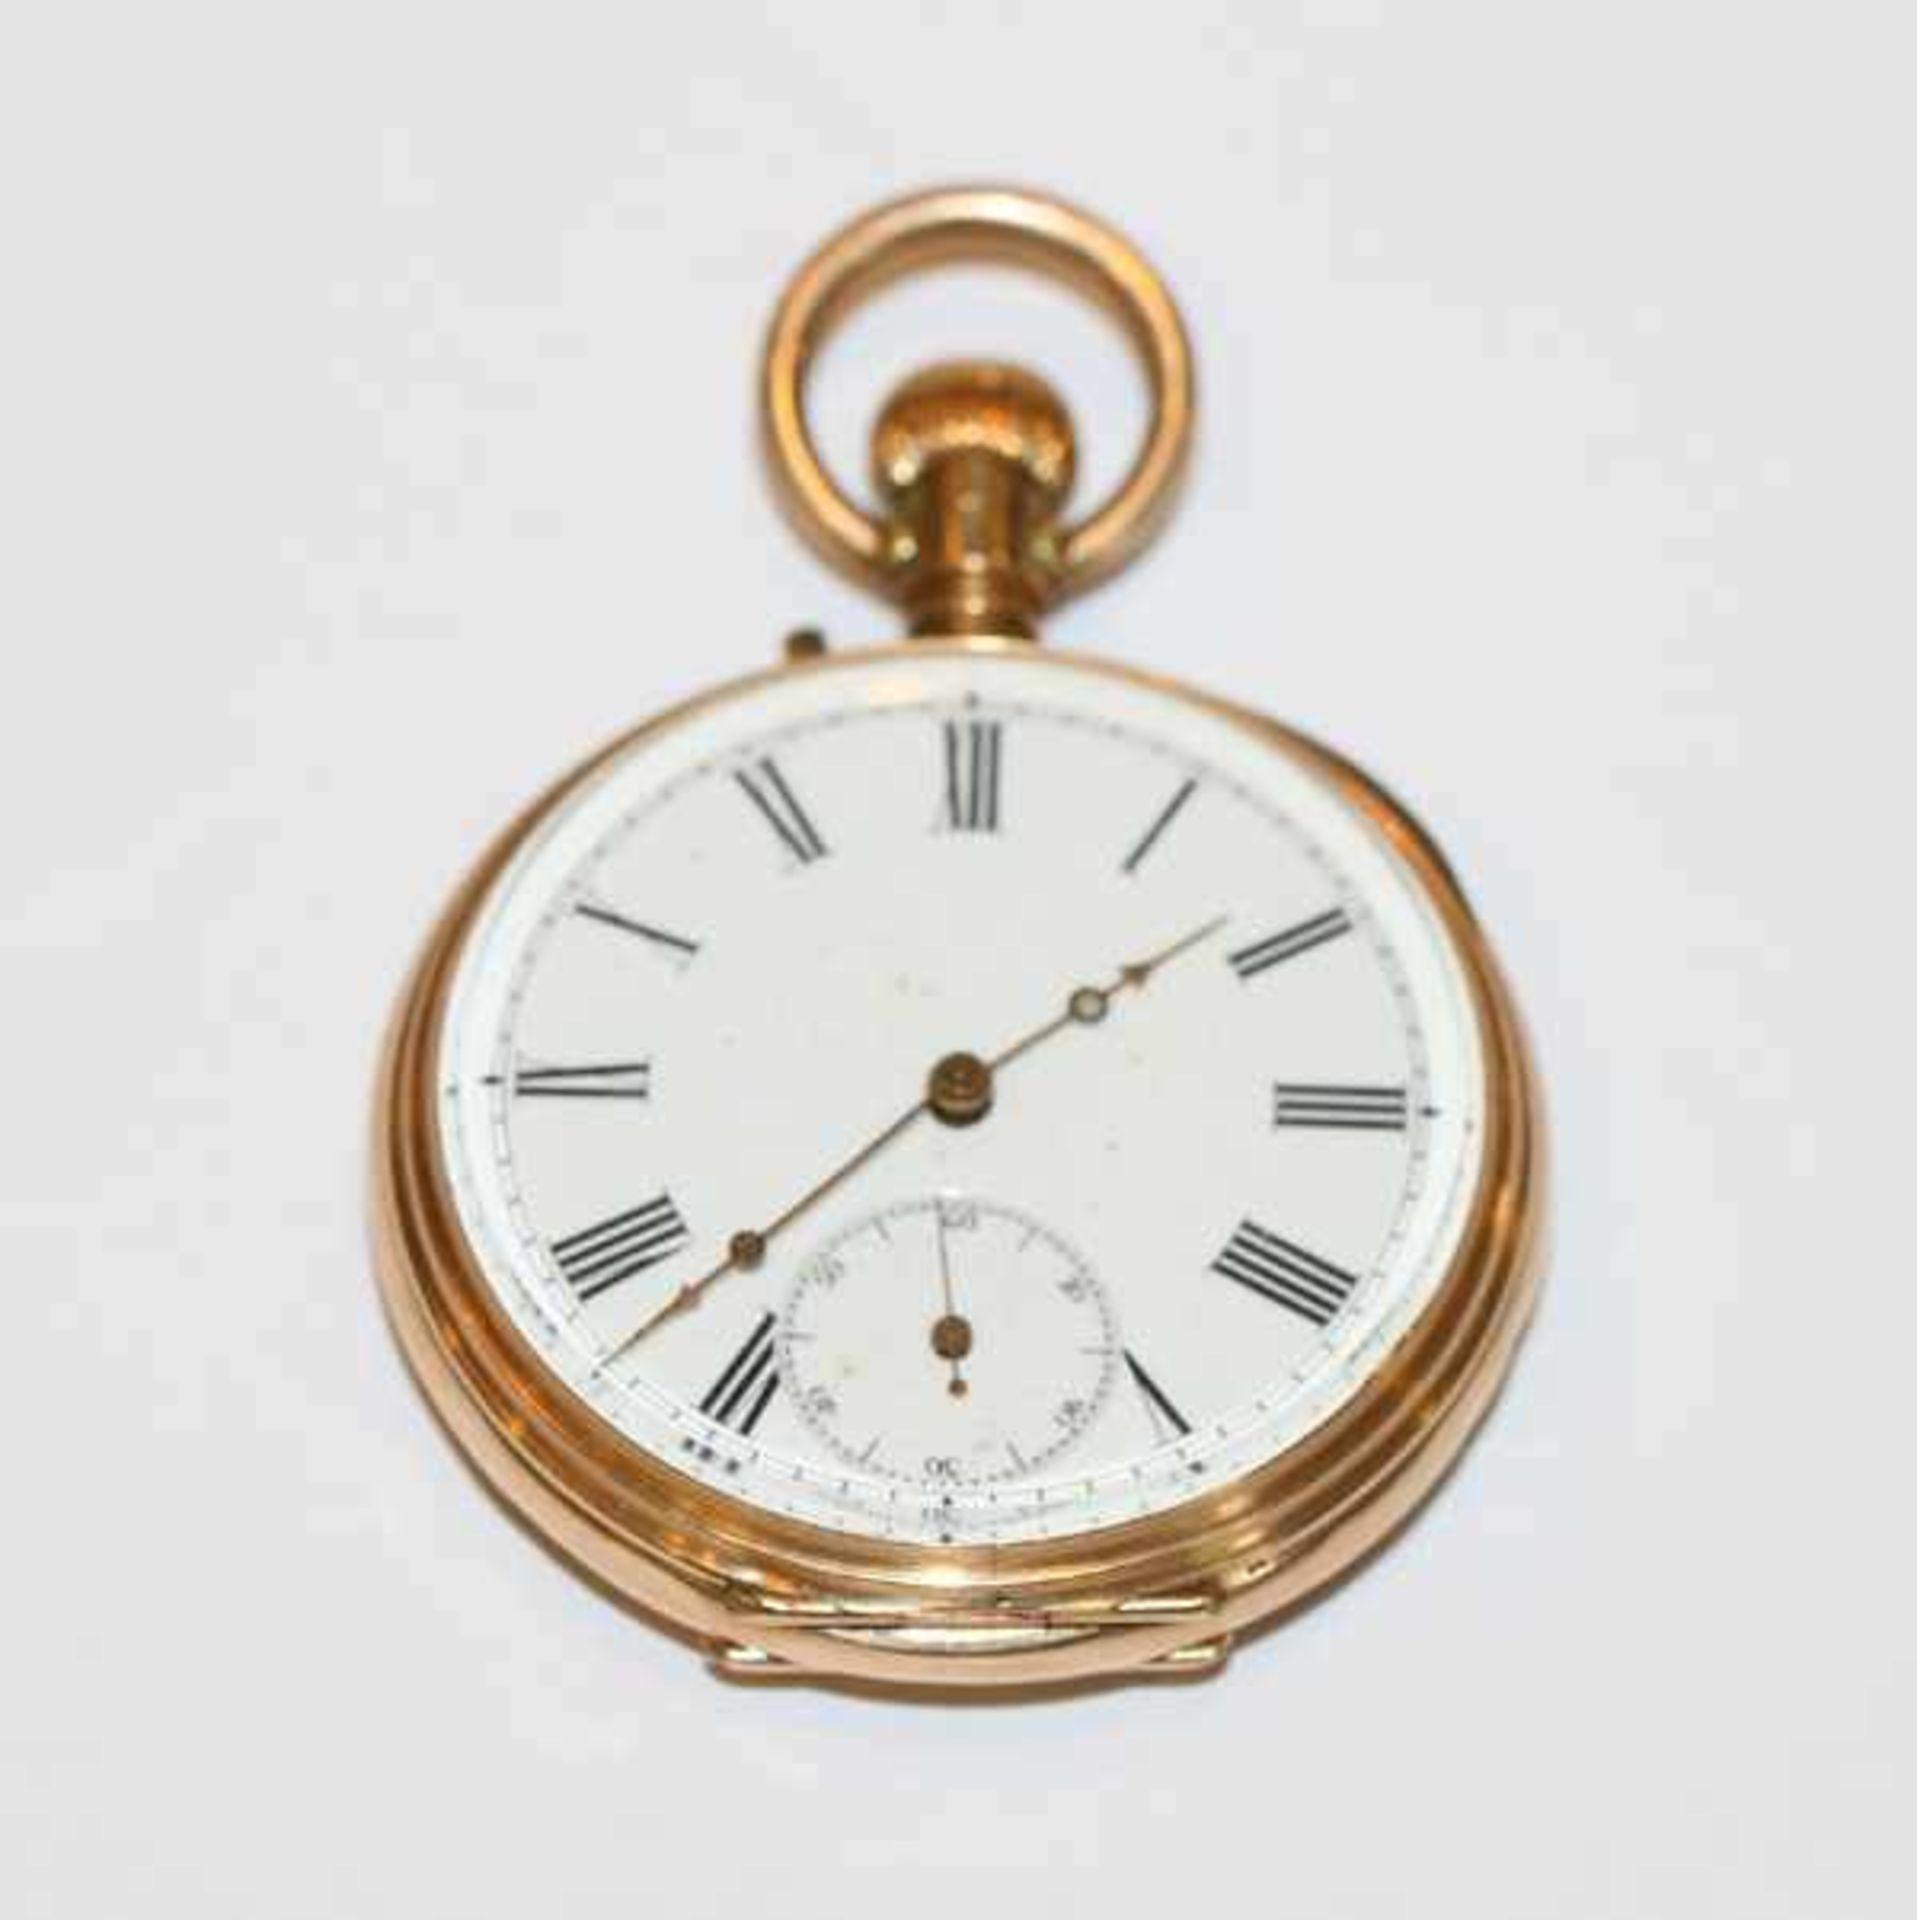 Los 11 - 14 k Gelbgold Herren-Taschenuhr, 2 Deckel aus Gold, intakt, Bruttogewicht 79 gr., D 5 cm,